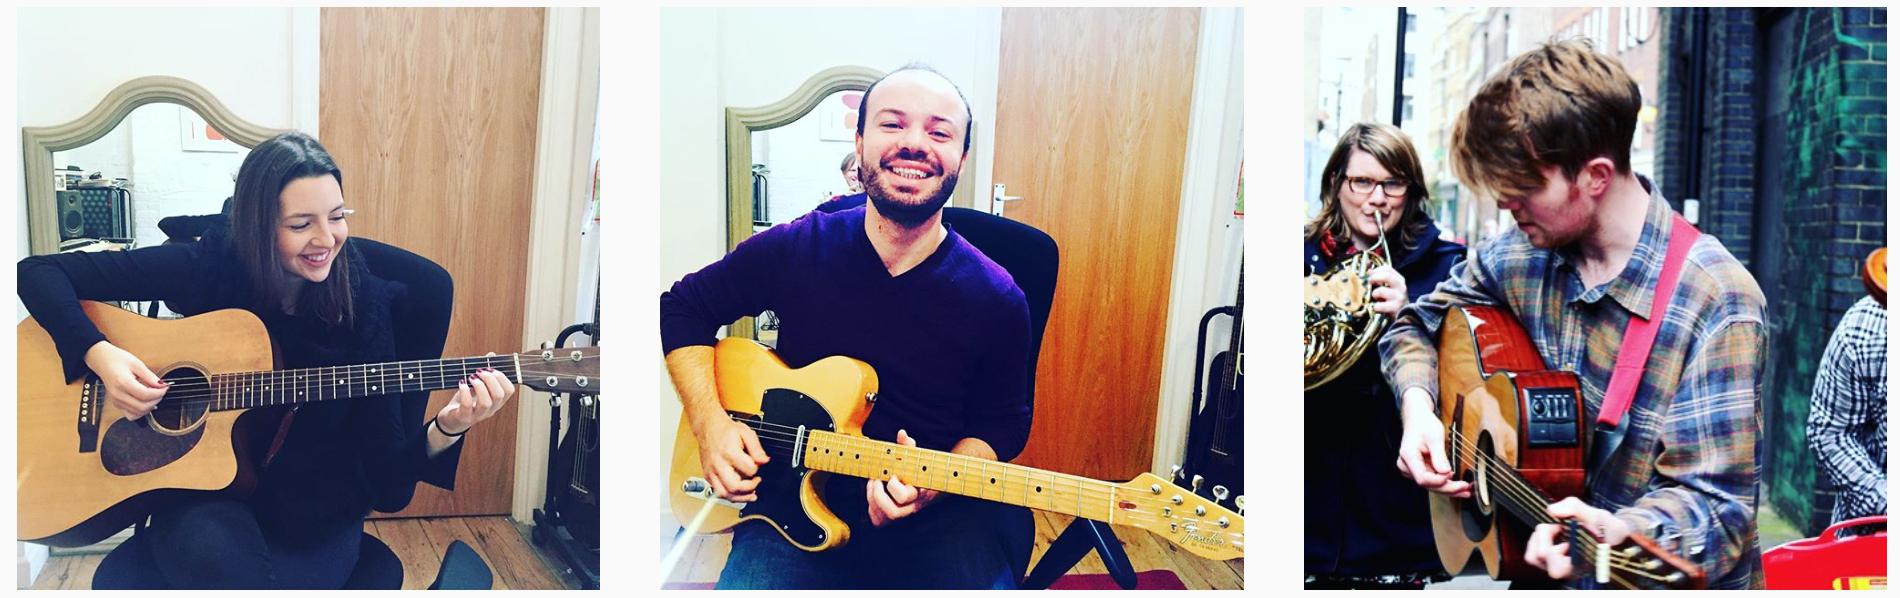 Guitar Lessons Brighton